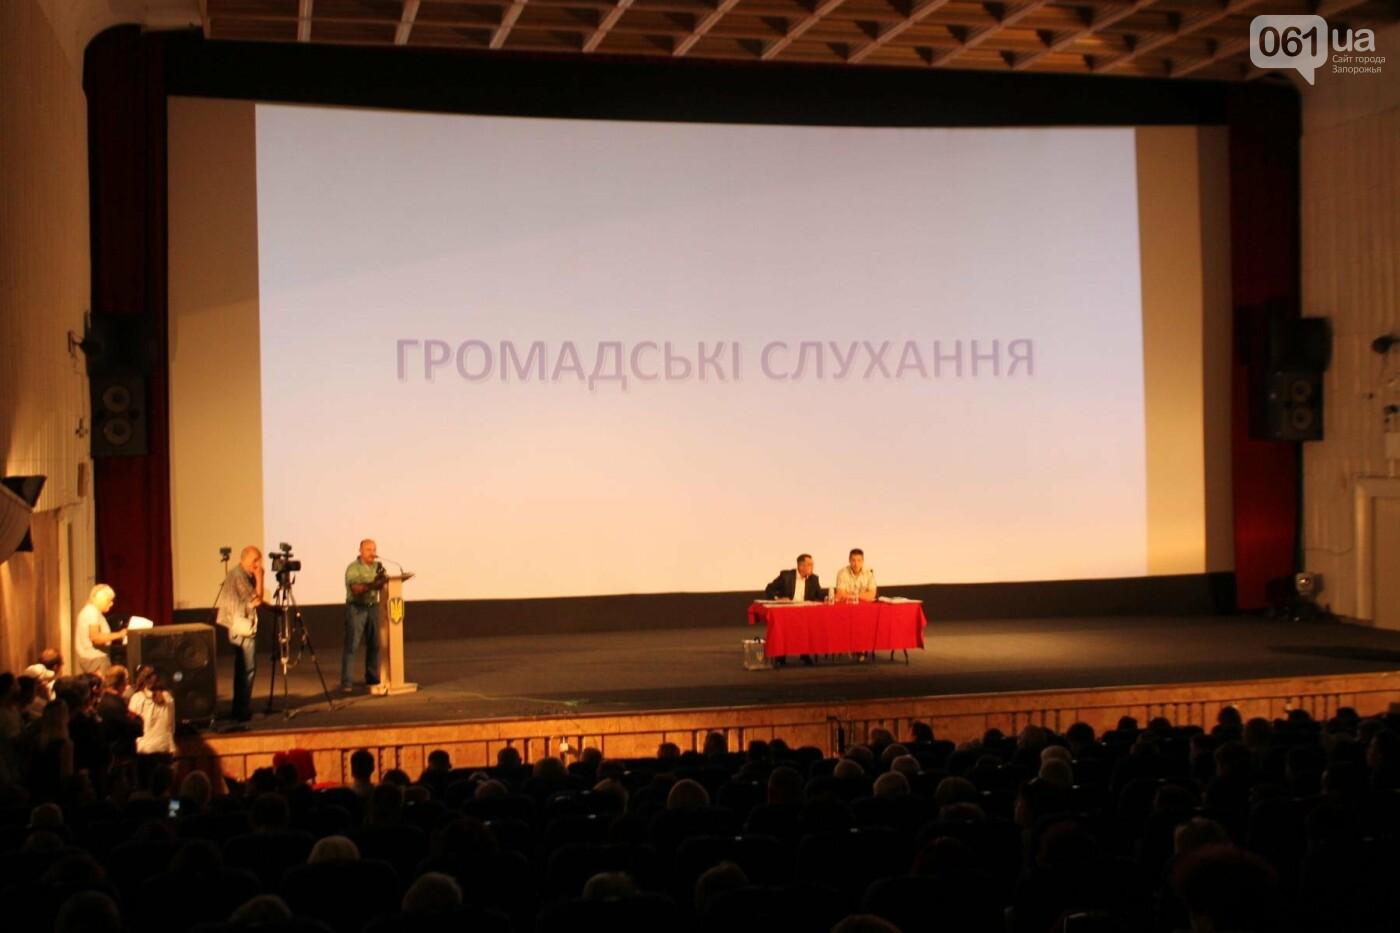 Как прошли общественные слушания о застройке сквера Яланского, – ФОТОРЕПОРТАЖ, фото-13